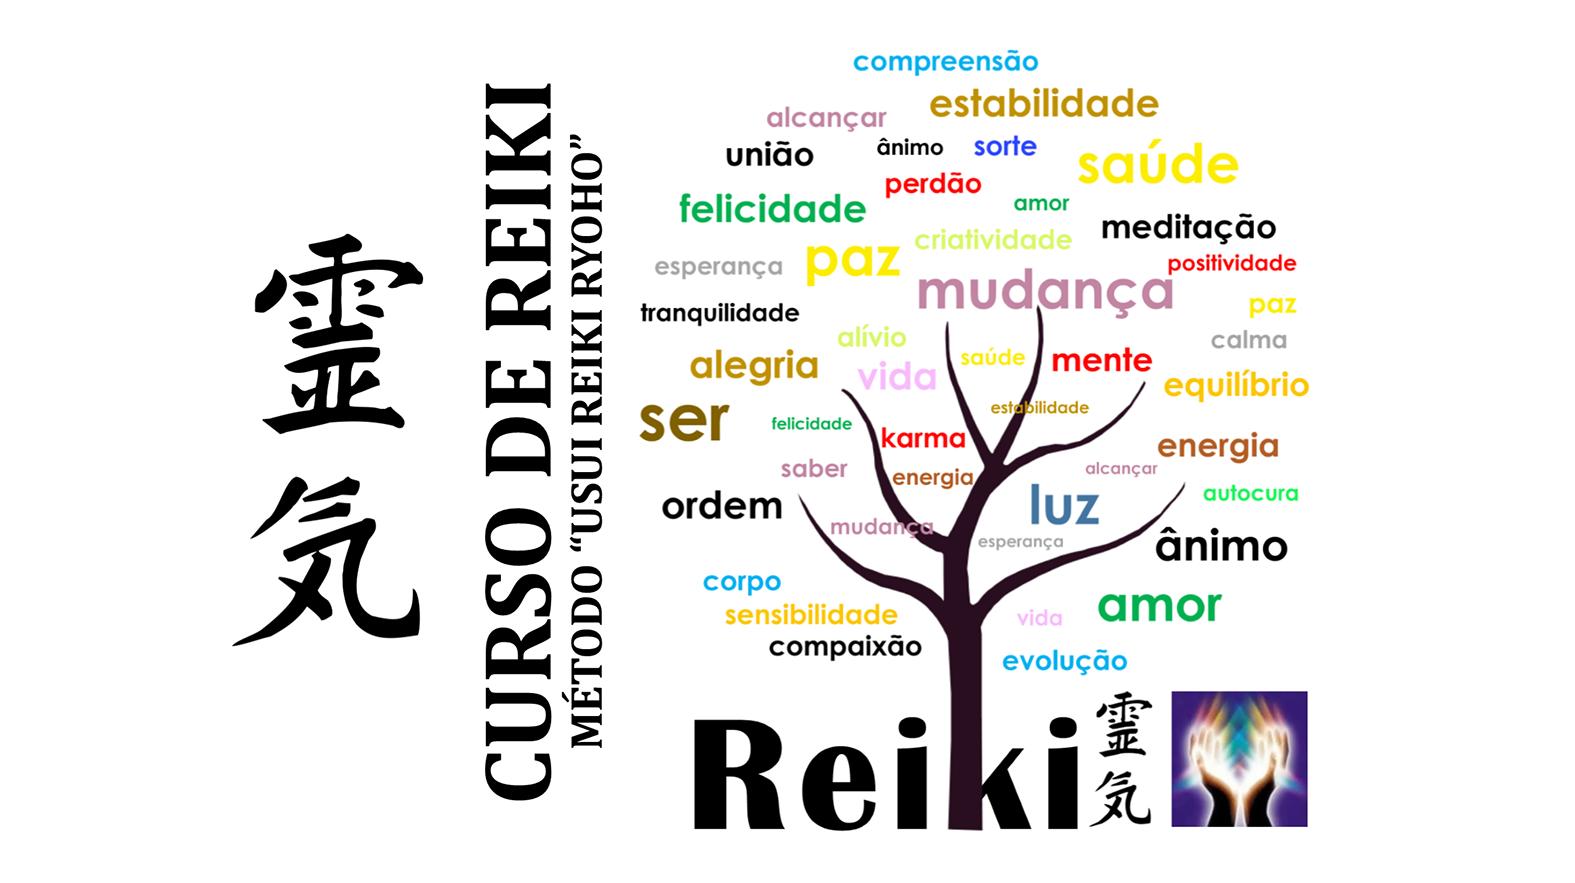 Curso de Reiki - Nível I - Faça sua Inscrição!